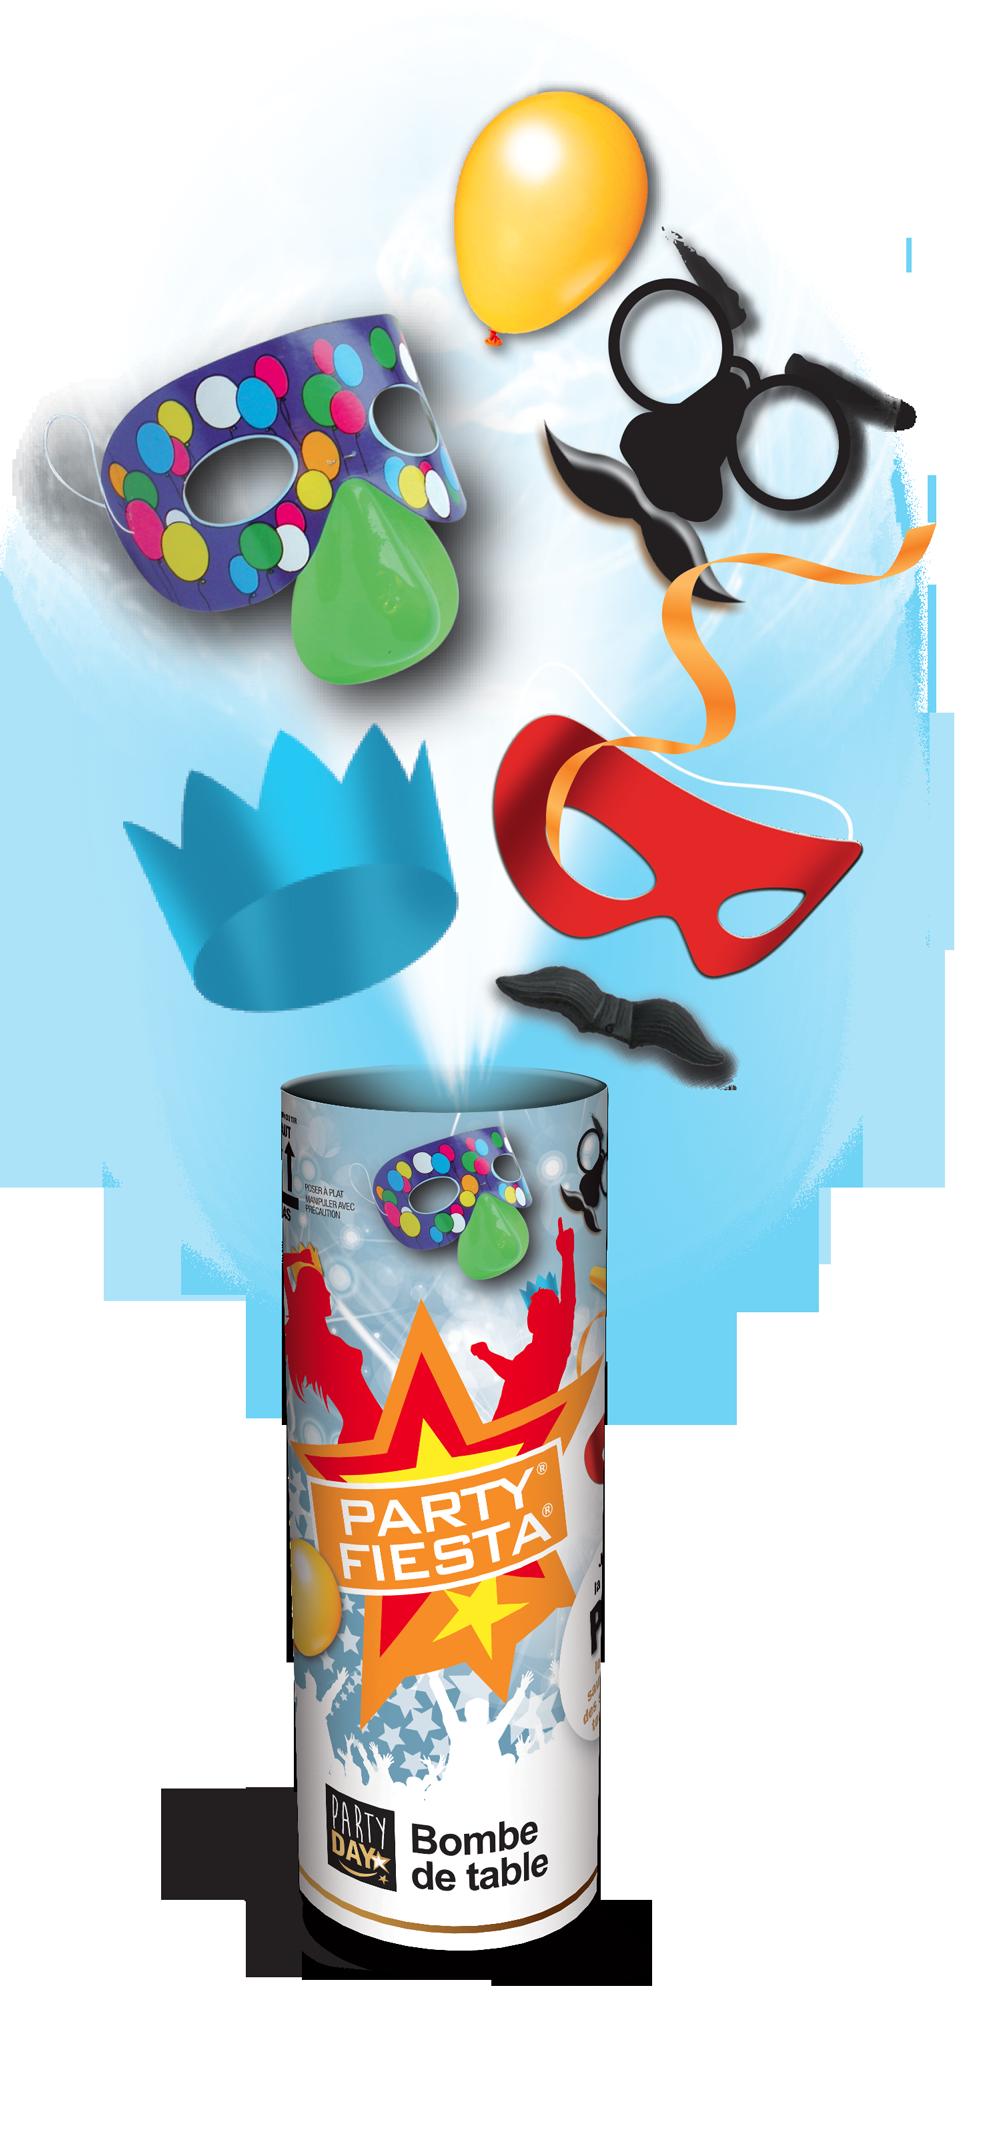 P151248-1B_Party-fiesta_05-2018_avec-cadeaux